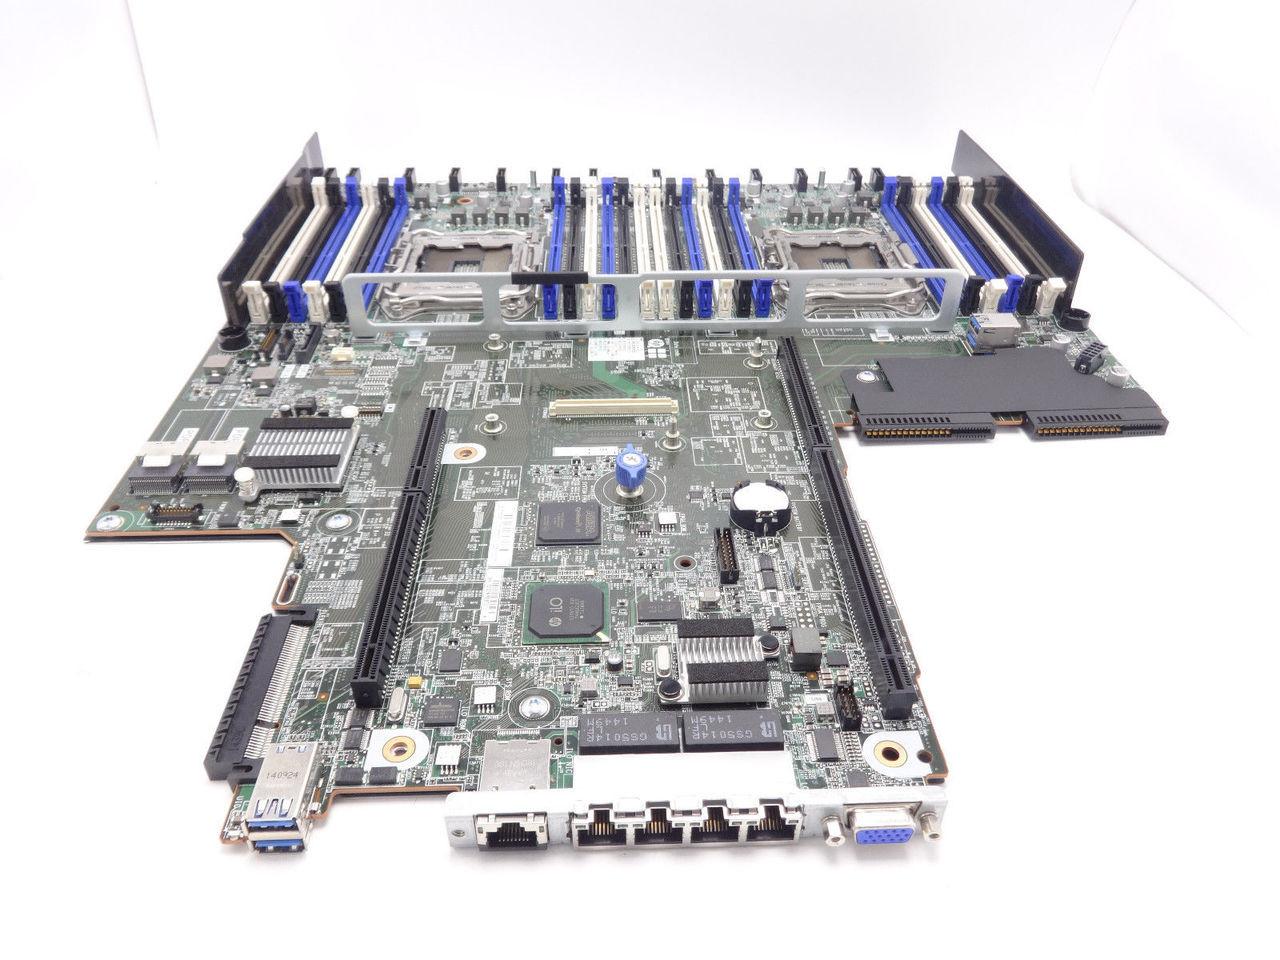 775400-001 HPE DL360/DL380 GEN9 G9 System Board